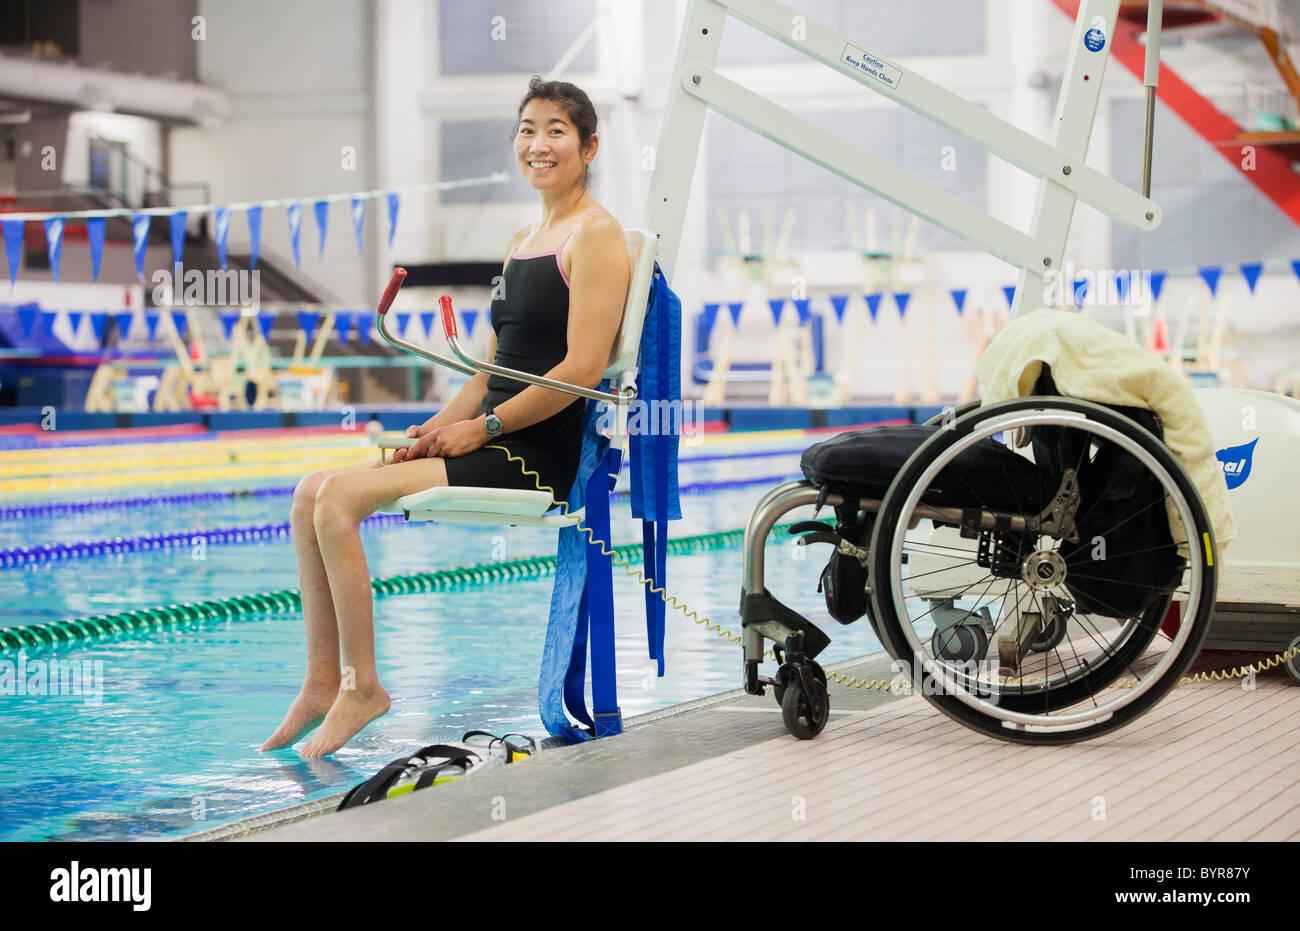 Una donna paraplegico entra in una piscina in un ascensore con la sua sedia a rotelle sul bordo della piscina; Edmonton, Immagini Stock